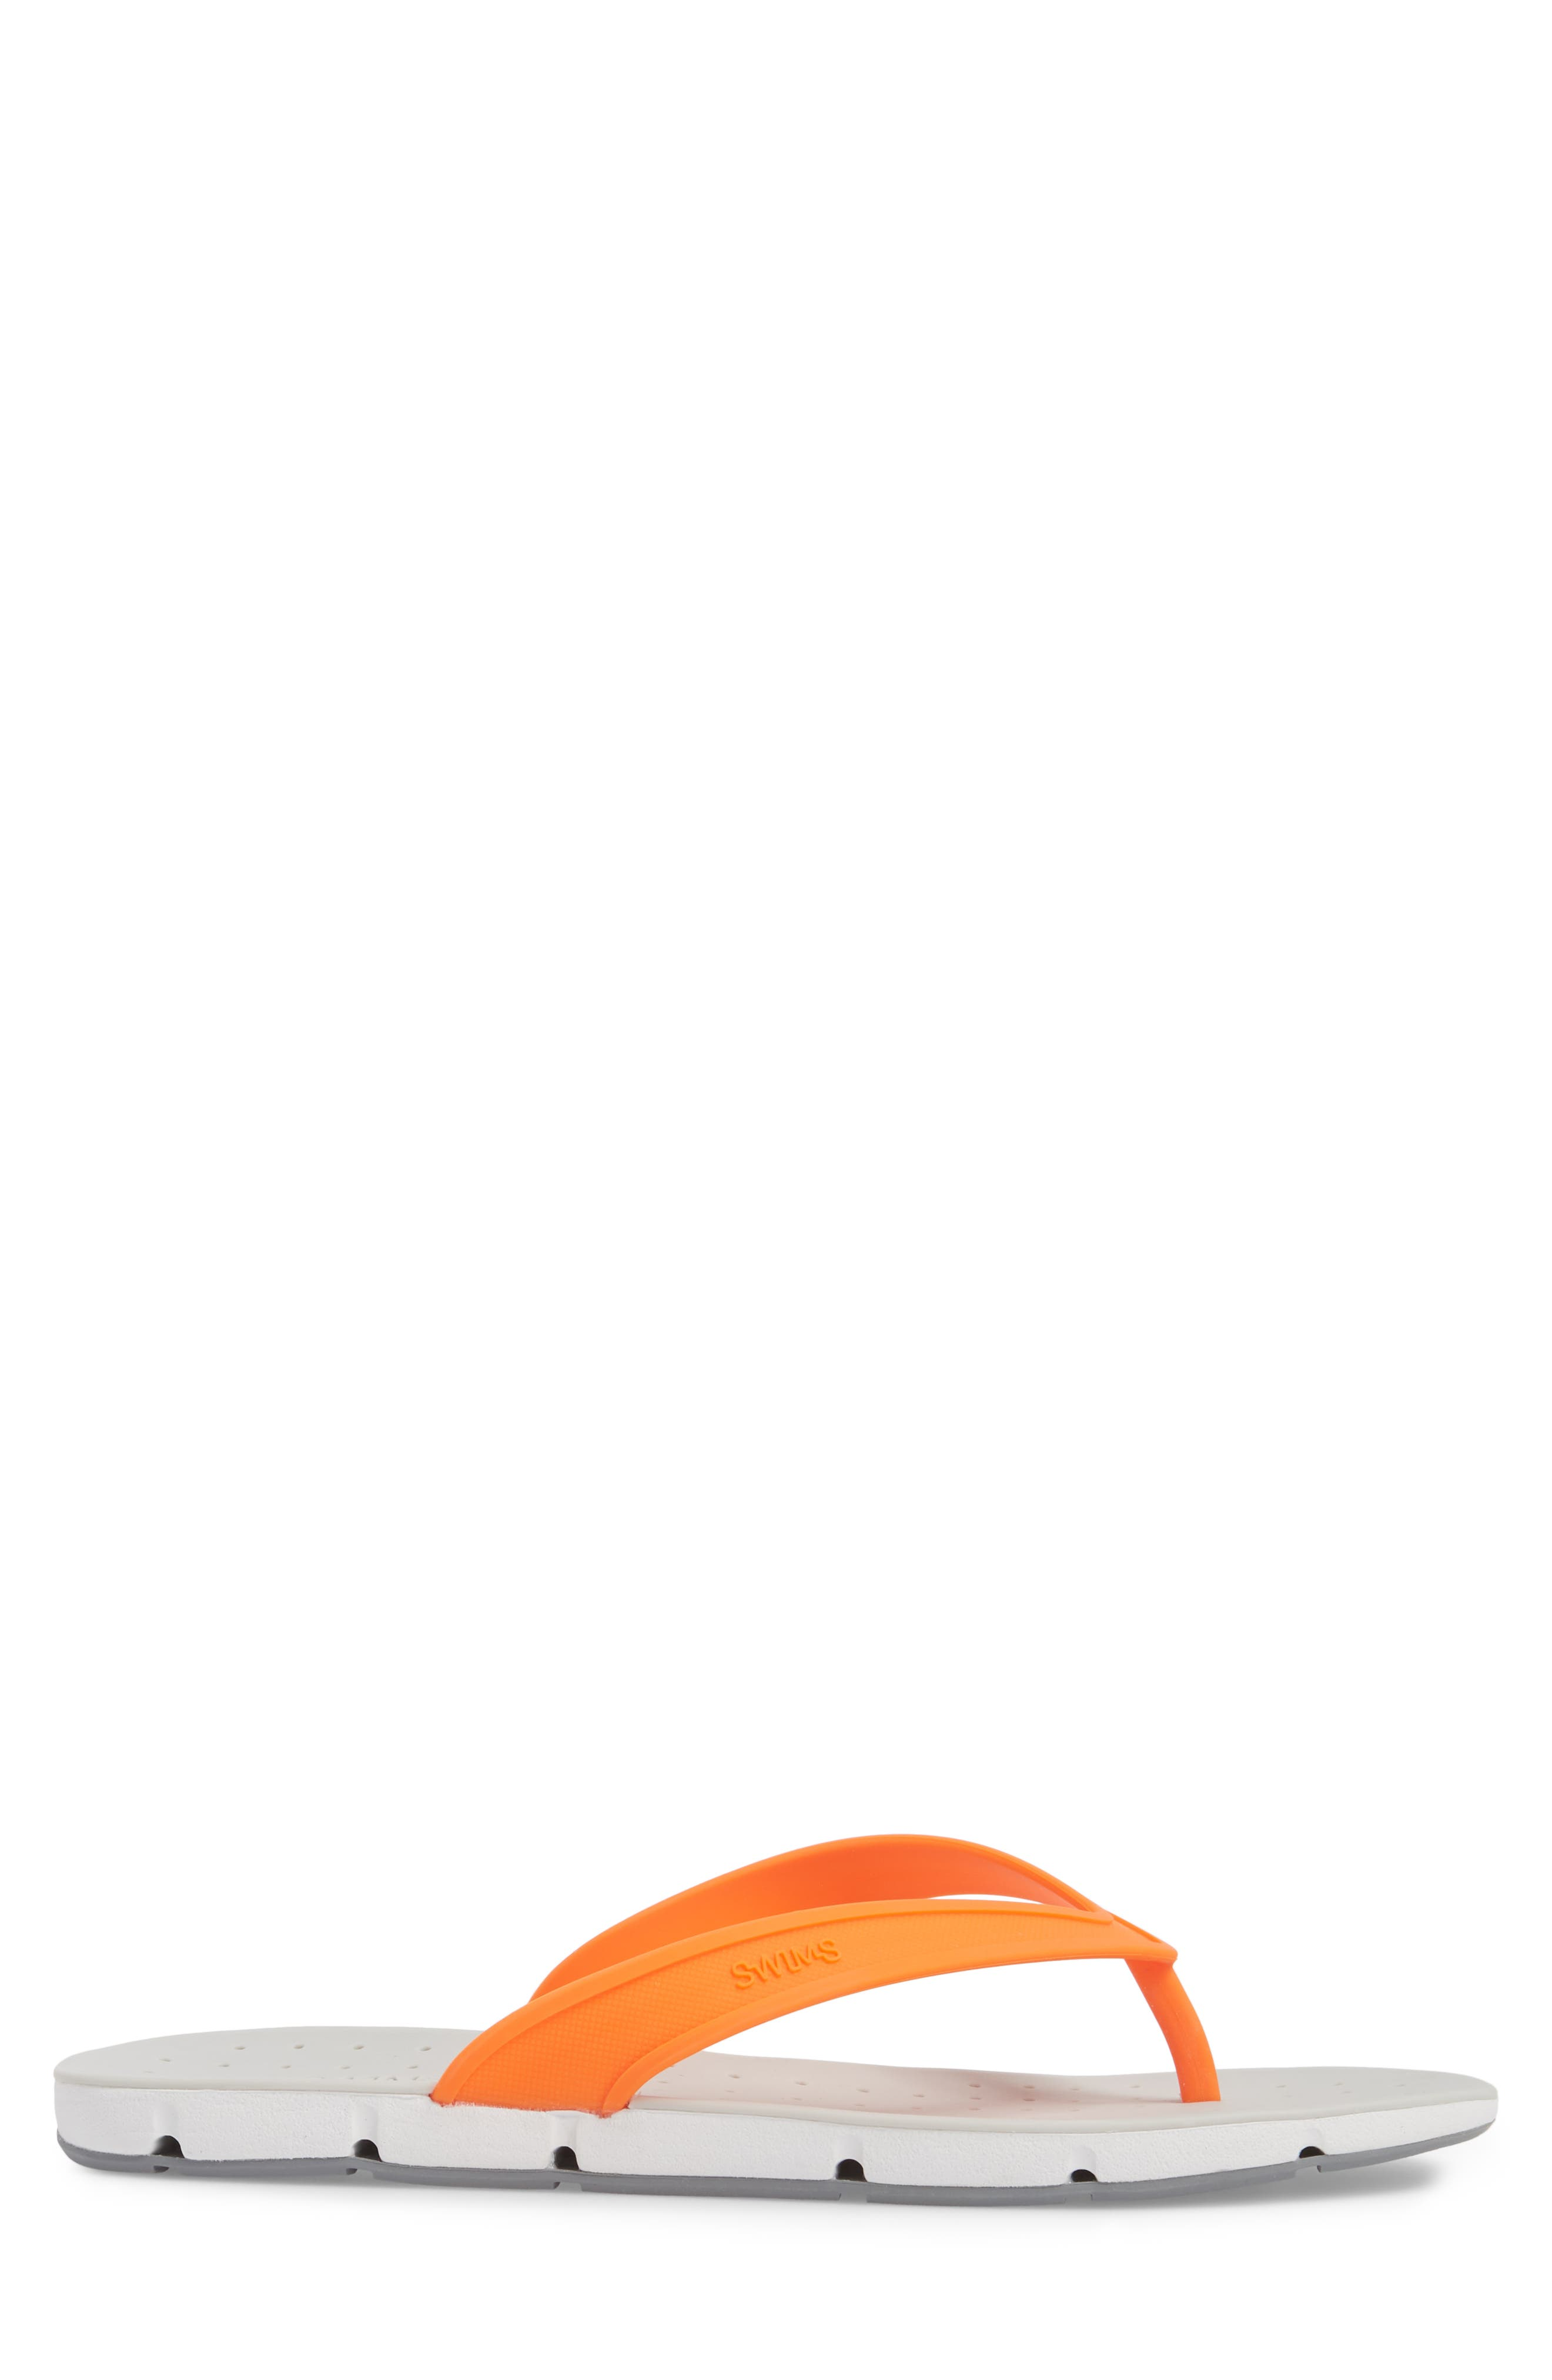 Breeze Flip Flop,                             Alternate thumbnail 3, color,                             Orange/ White/ Grey Fabric